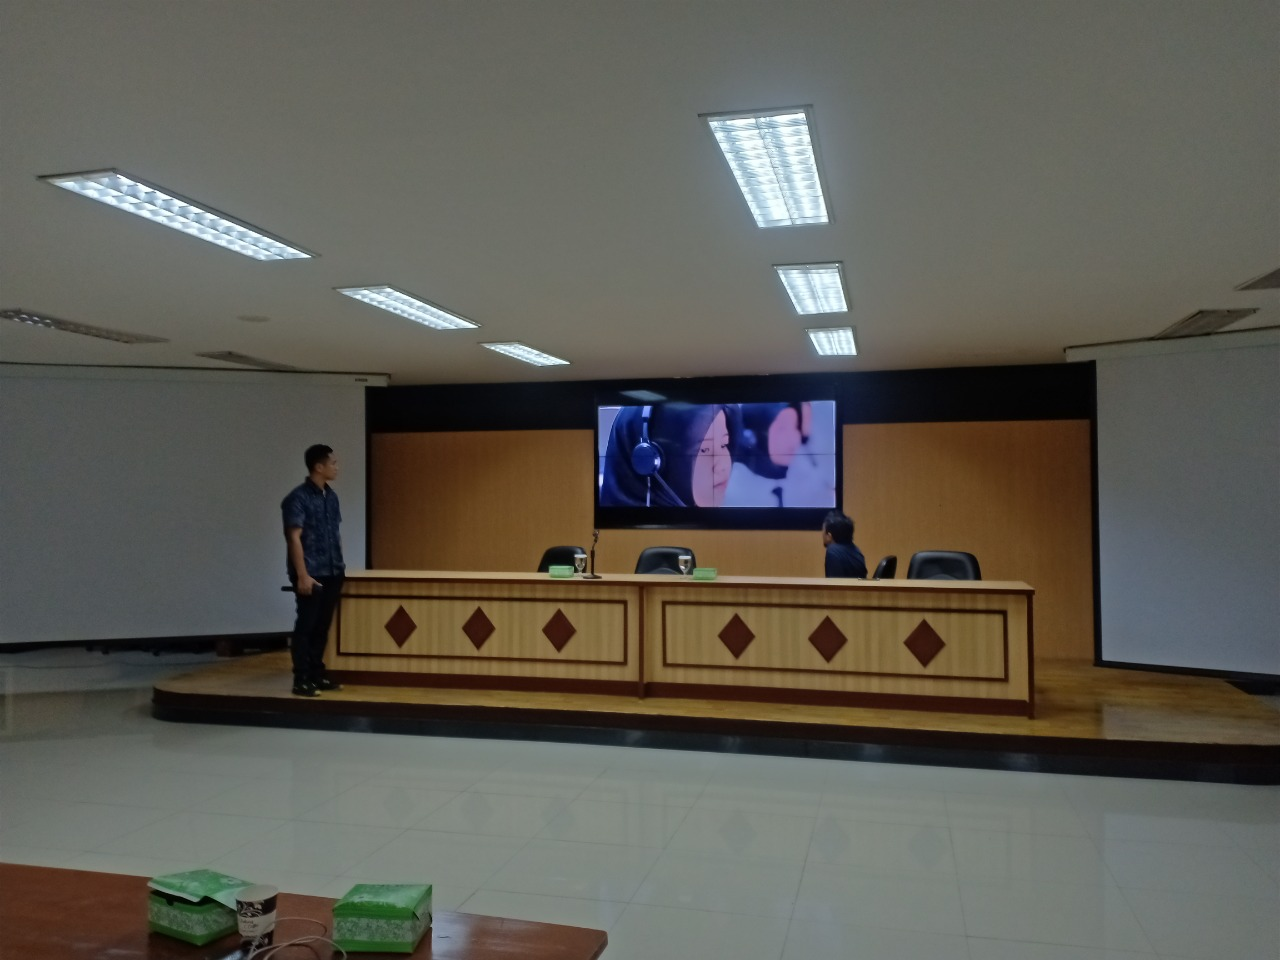 Diskominfo Kabupaten Bogor Kolaborasi Dengan Lima Perangkat Daerah Untuk Optimalkan Pelayanan Kegawatdaruratan Melalui Sistem Bogor Siaga 112